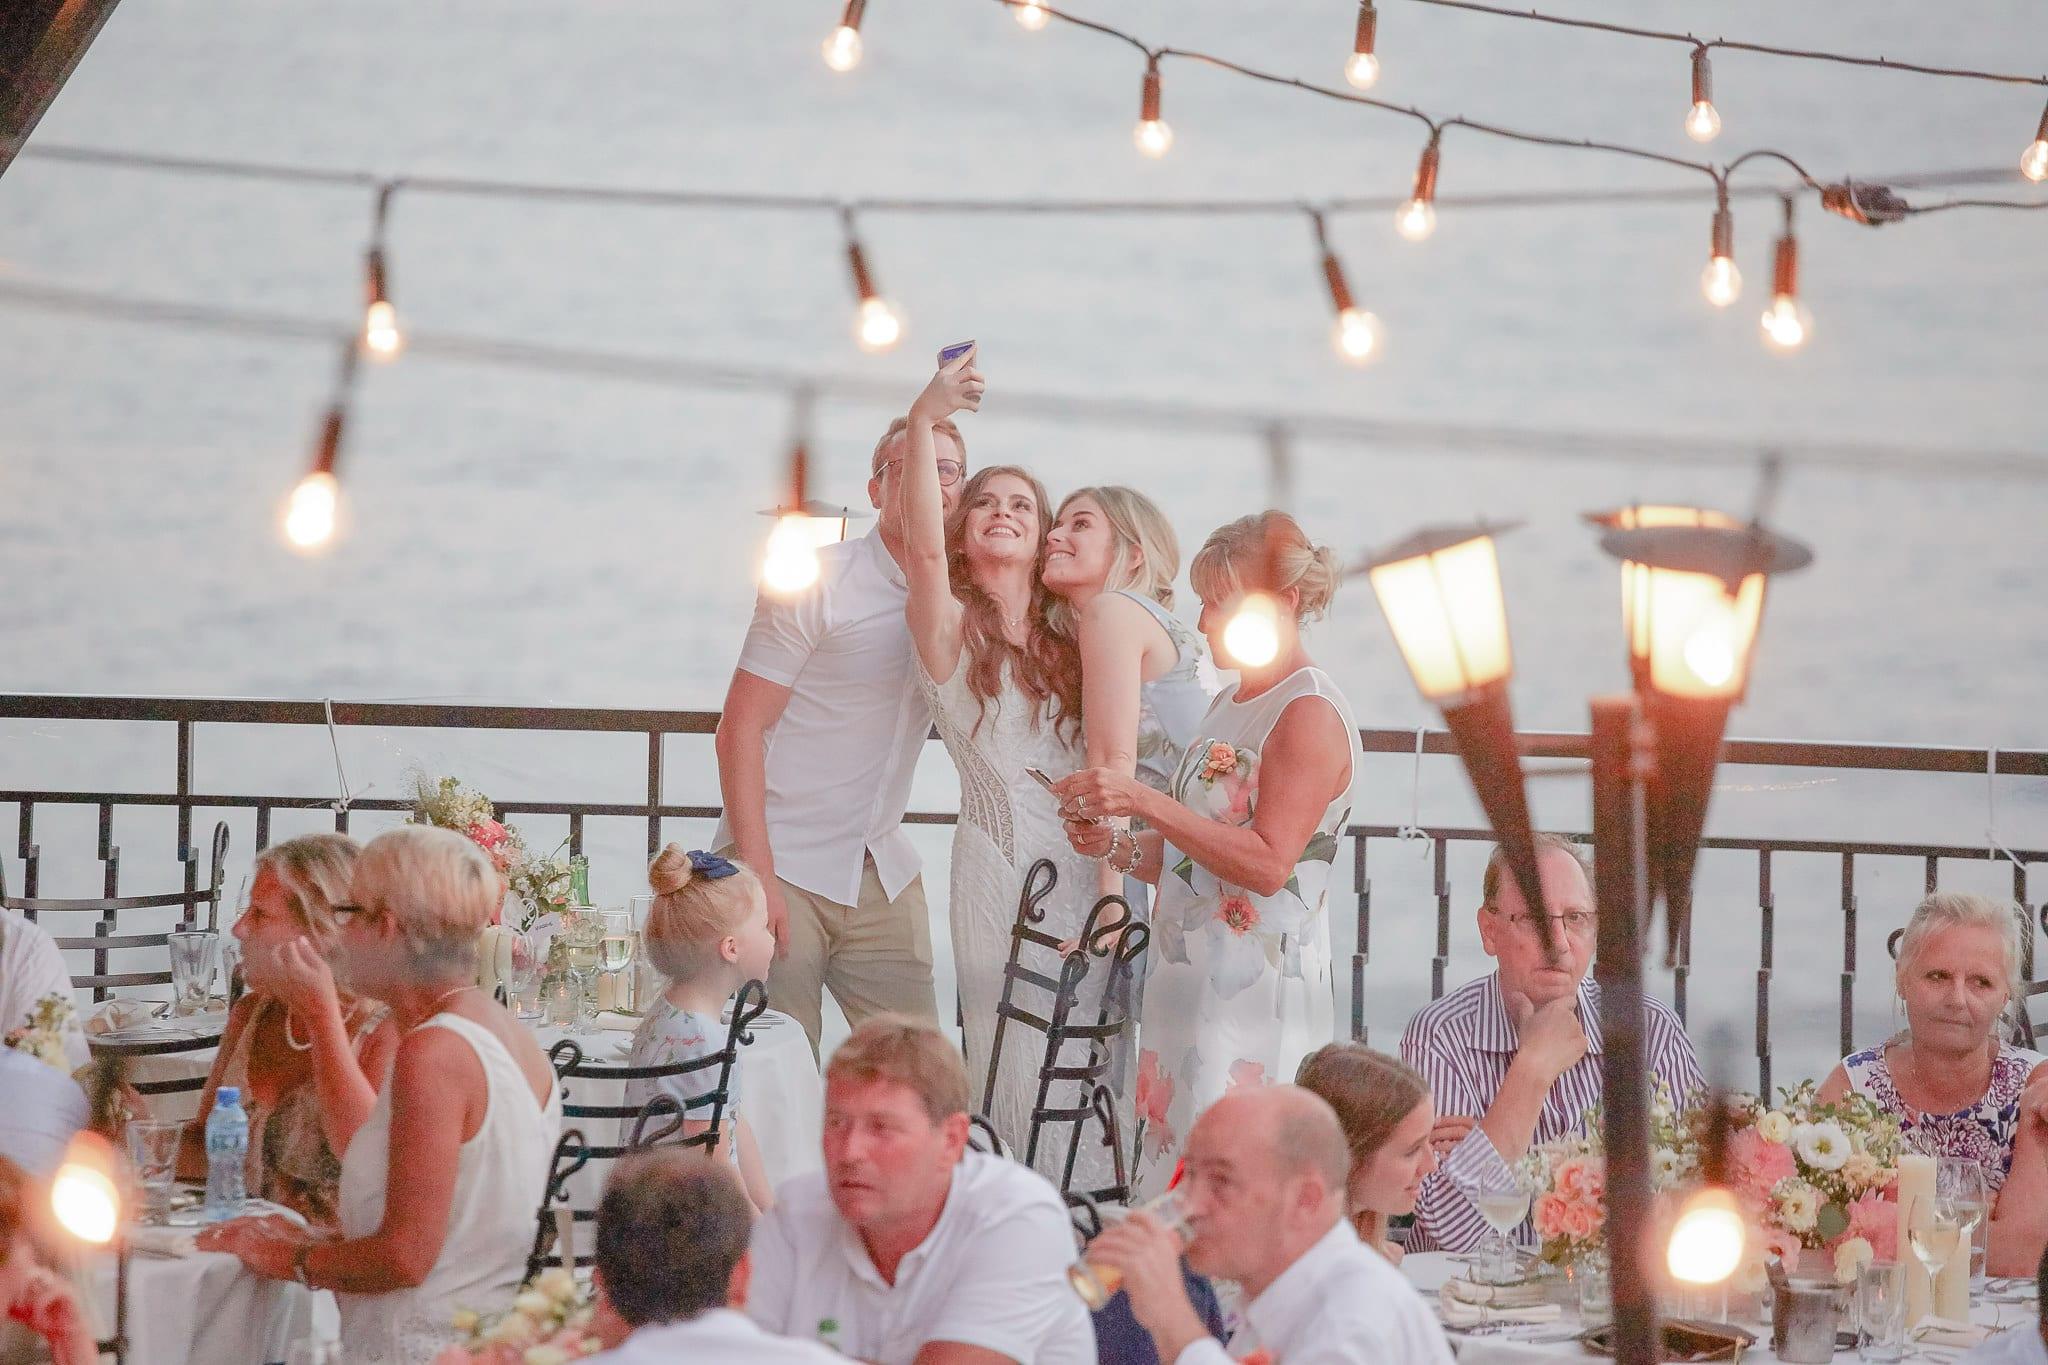 сватба на морето, селфи булка, декорация на сватбена агенция Приказен ден, сватбен агент Мариела Уилсън